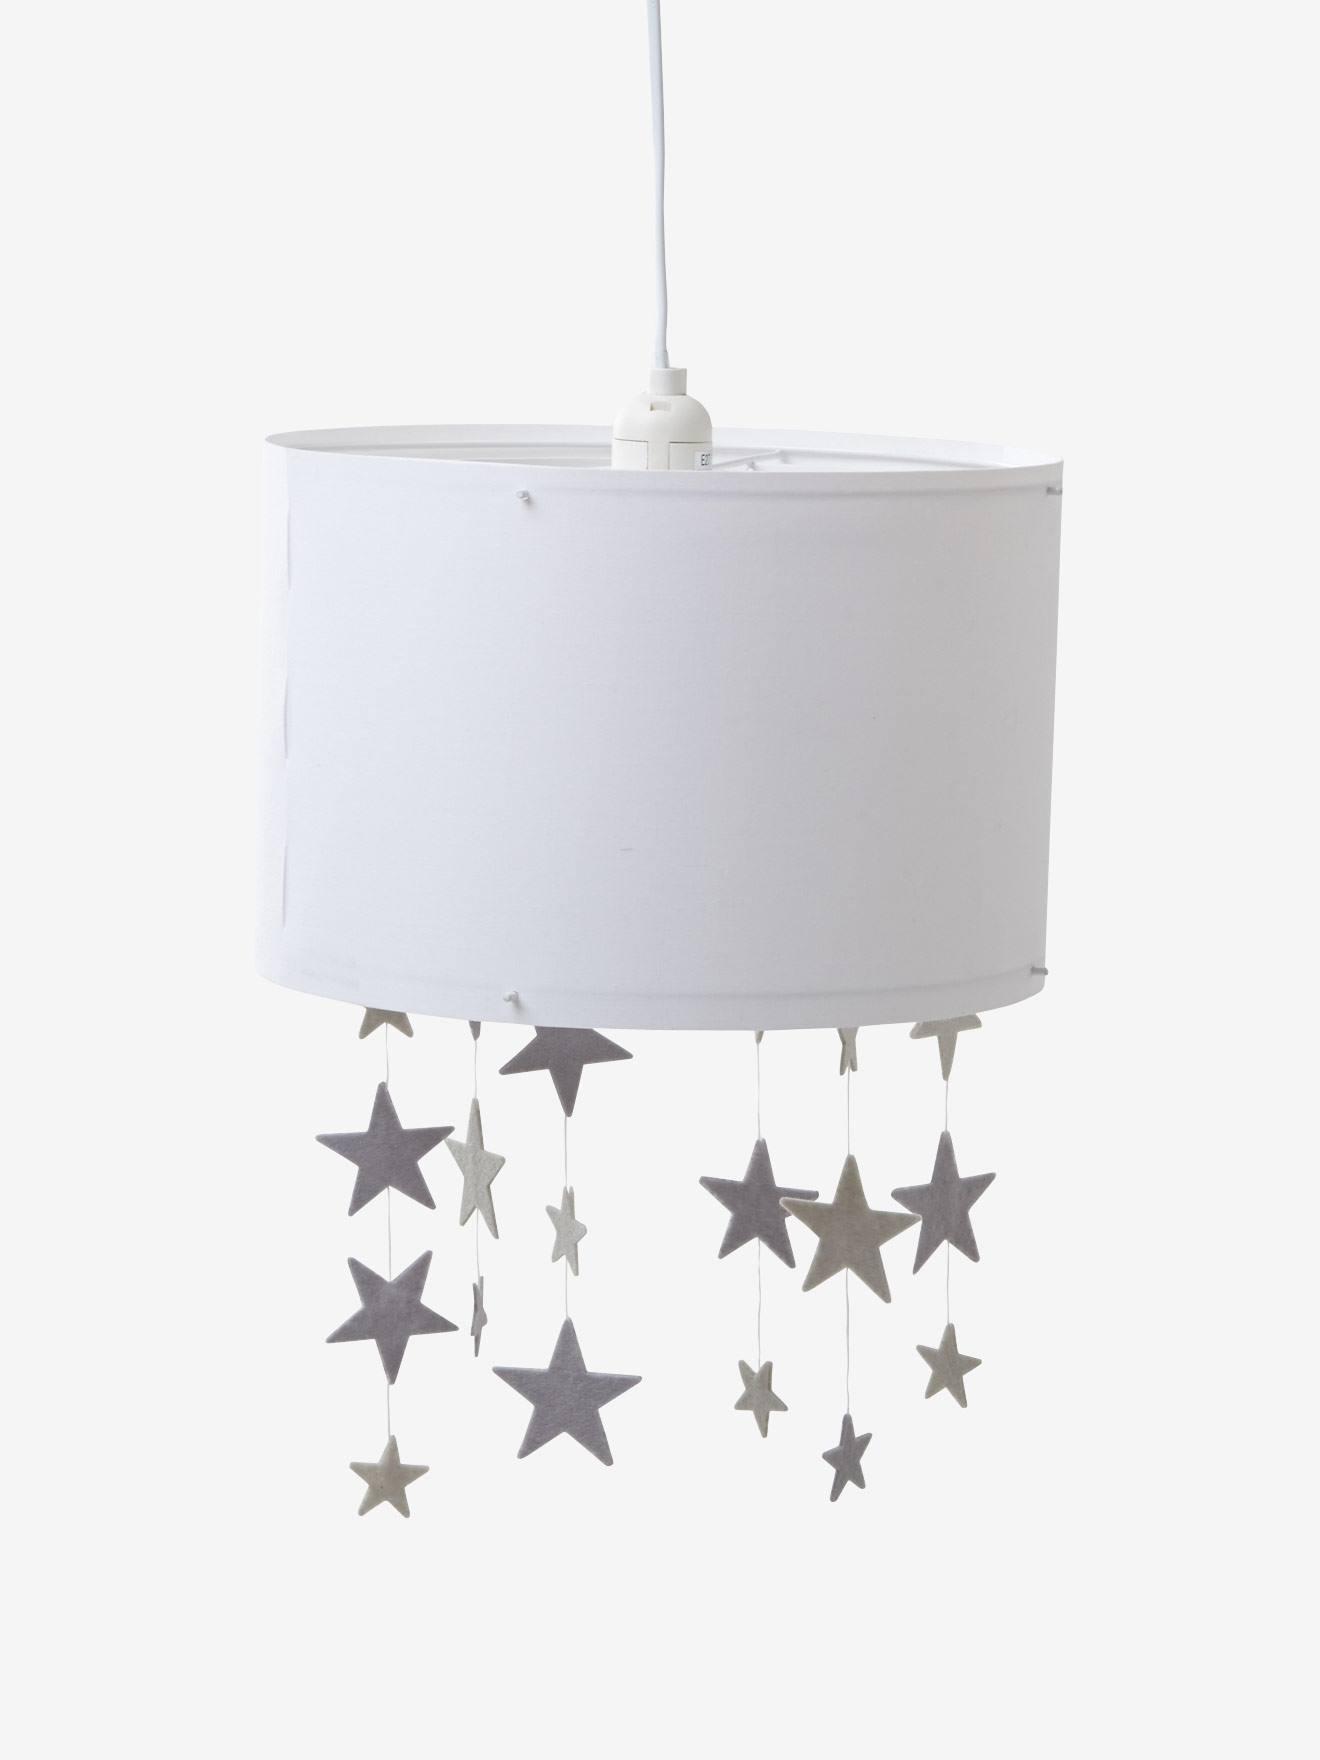 Kinderzimmer deko sterne  Vertbaudet Lampenschirm für Kinderzimmer in weiß/grau